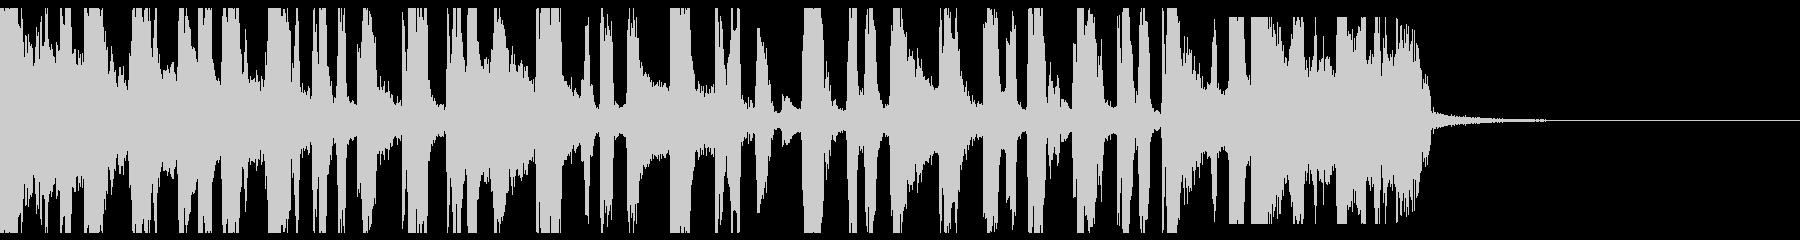 スクラッチとブレイクビーツなジングルの未再生の波形